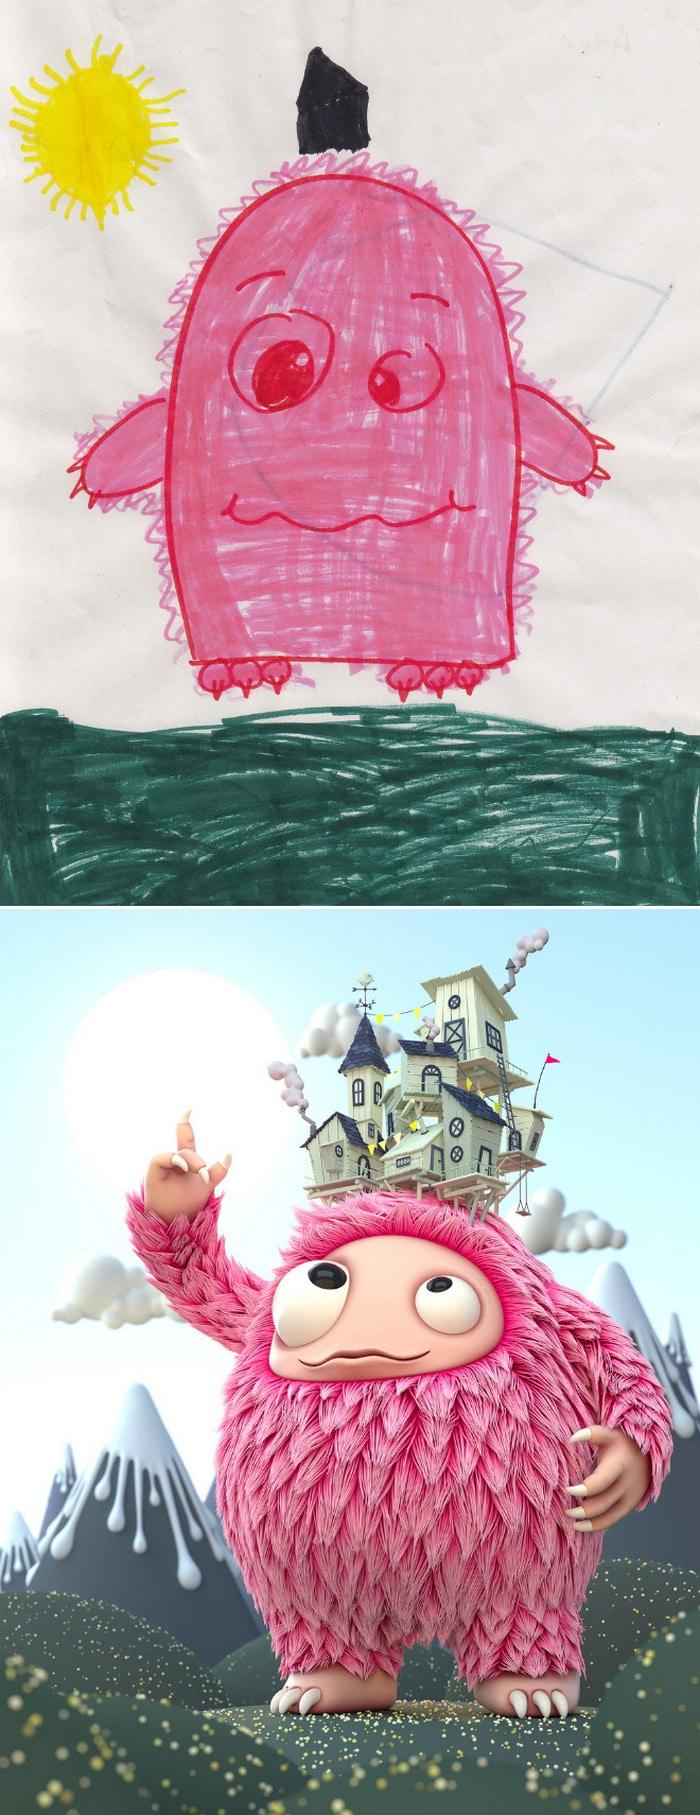 Projeto Monstro - Crianças desenham monstros e artistas recriam com sua arte 4